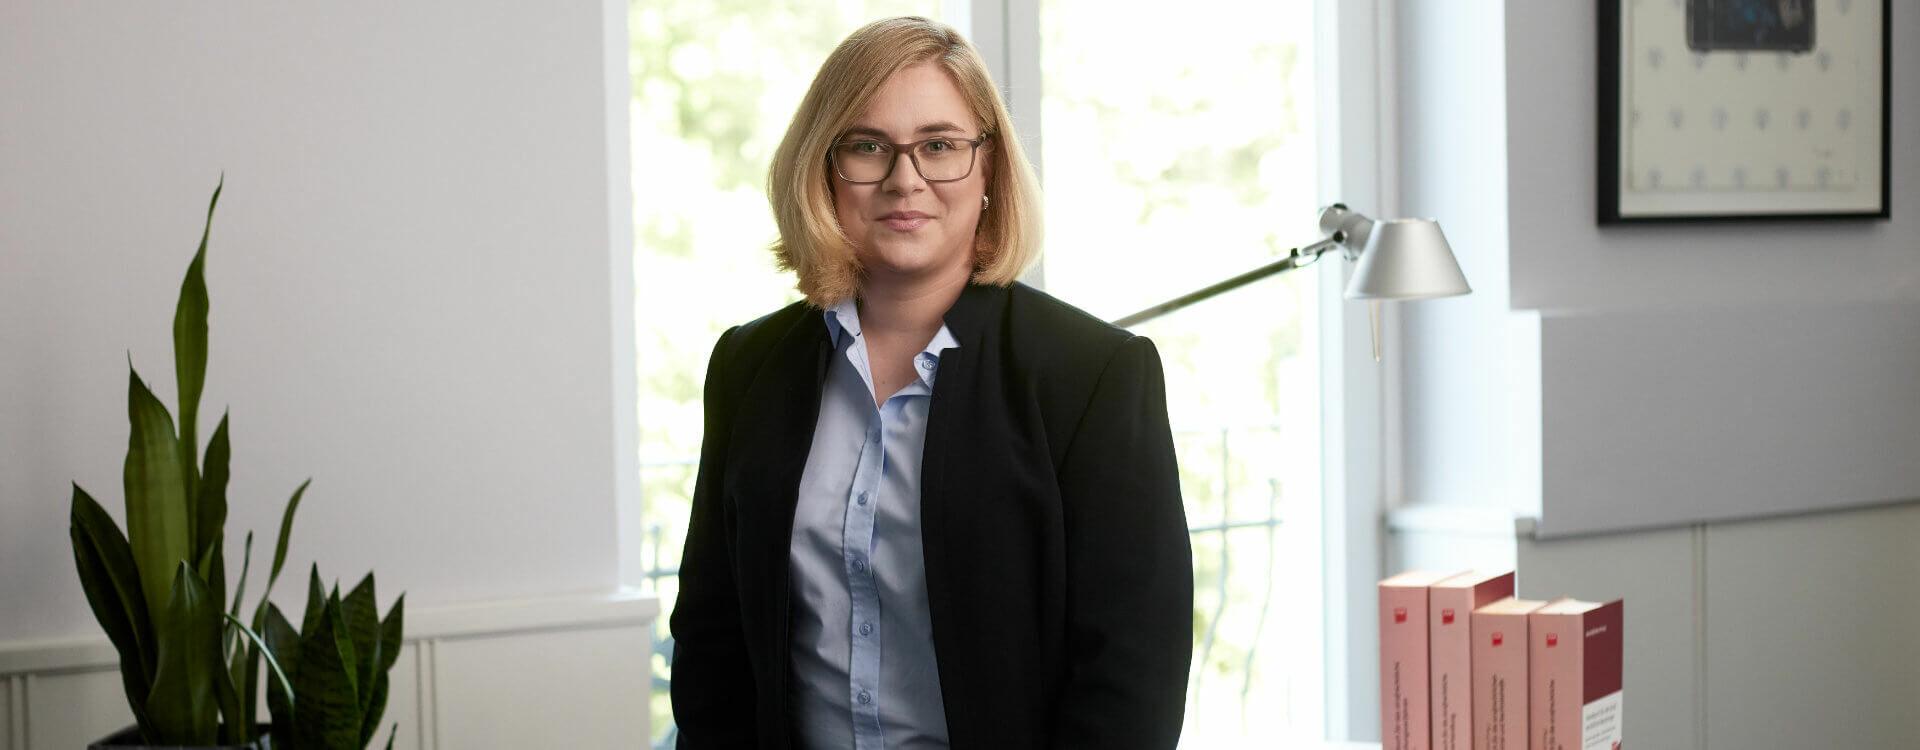 Rechtsanwältin Christiane Rusch, LAUDON SCHNEIDER Strafverteidigung Strafverteidiger Hamburg